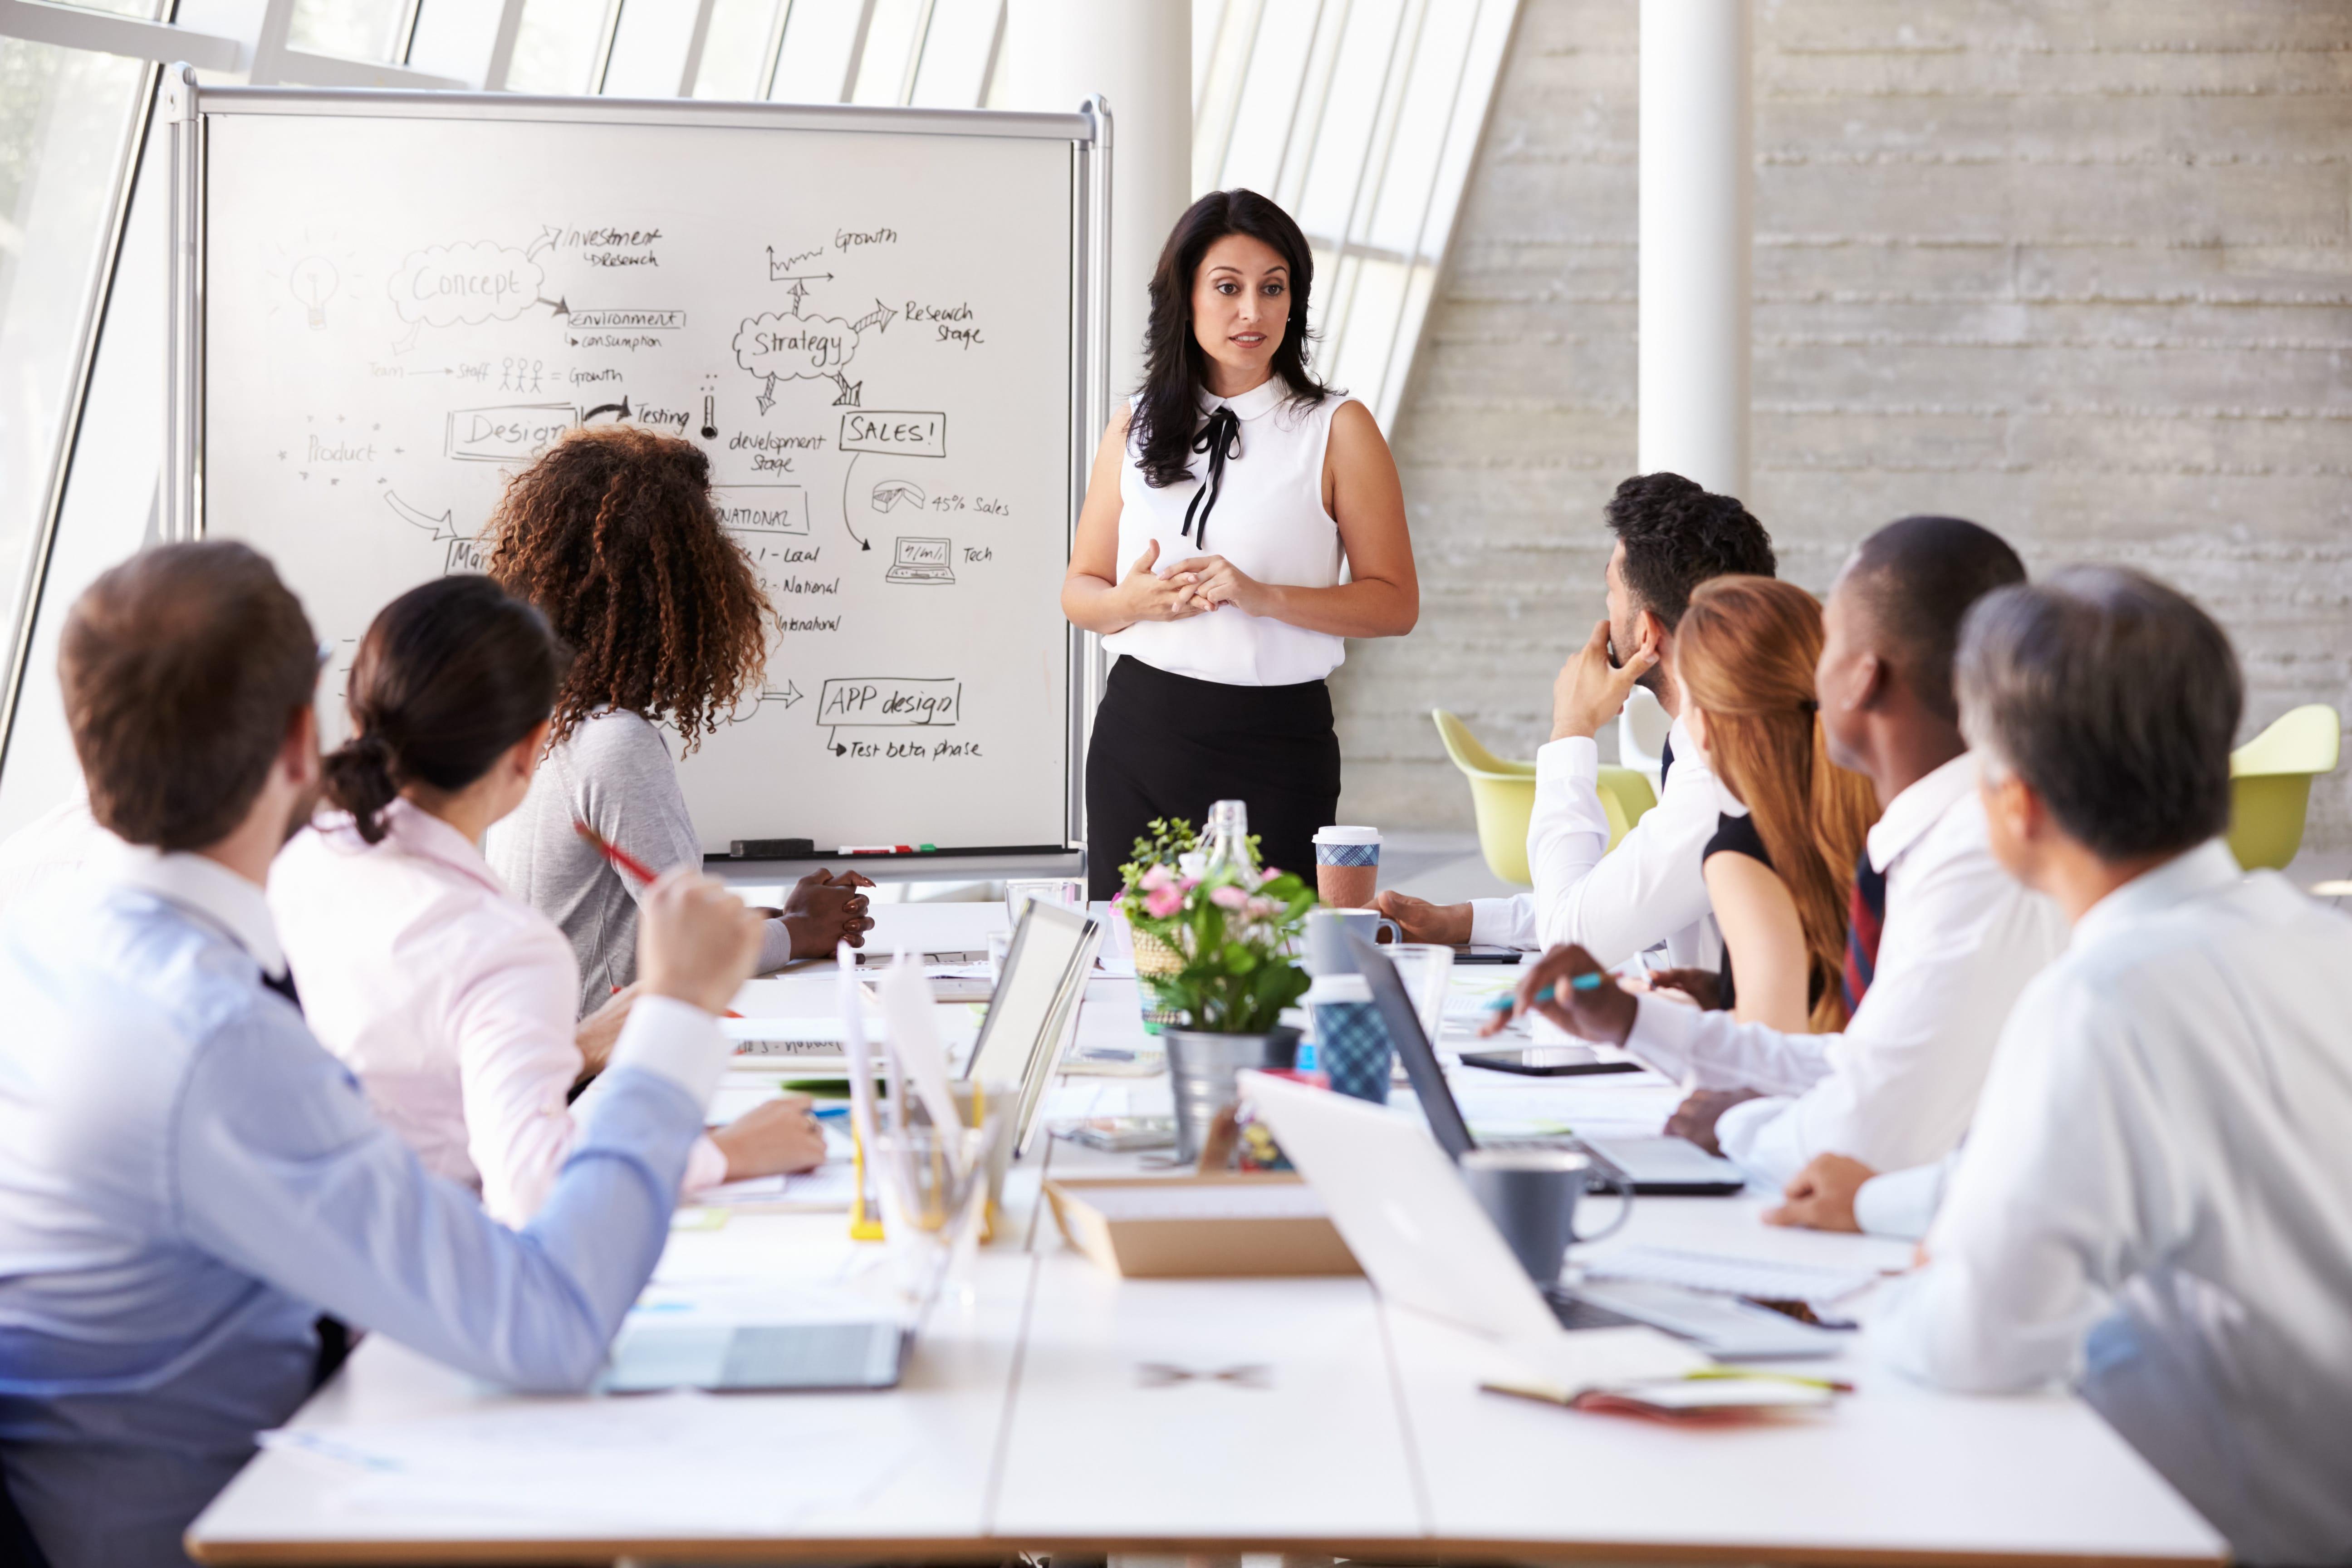 Reuniones productivas: 5 pasos para no perder el tiempo y ser más eficaces